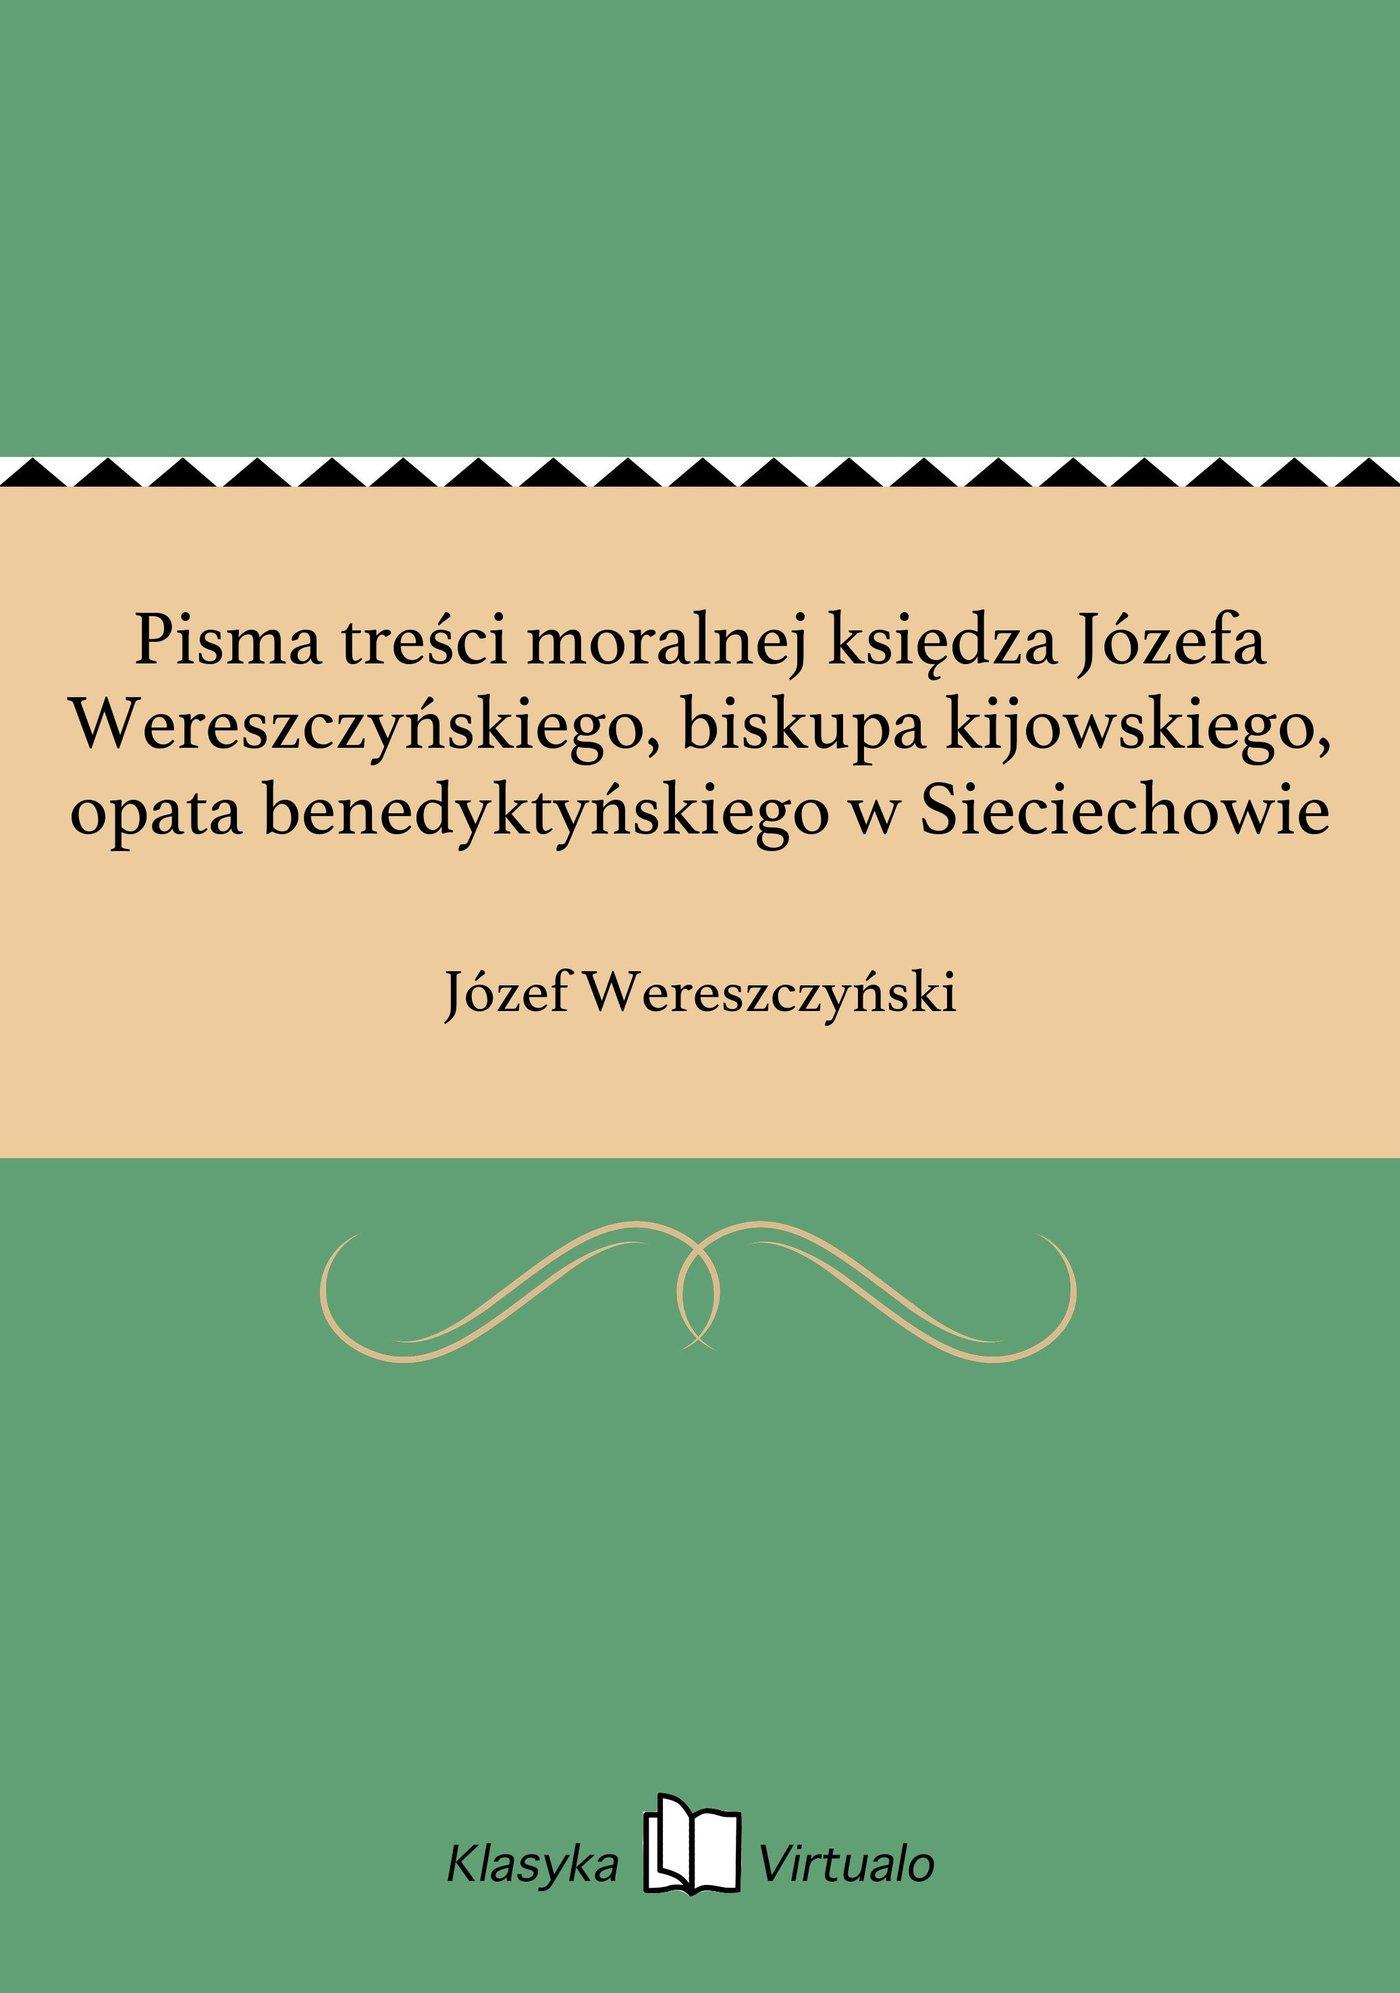 Pisma treści moralnej księdza Józefa Wereszczyńskiego, biskupa kijowskiego, opata benedyktyńskiego w Sieciechowie - Ebook (Książka EPUB) do pobrania w formacie EPUB